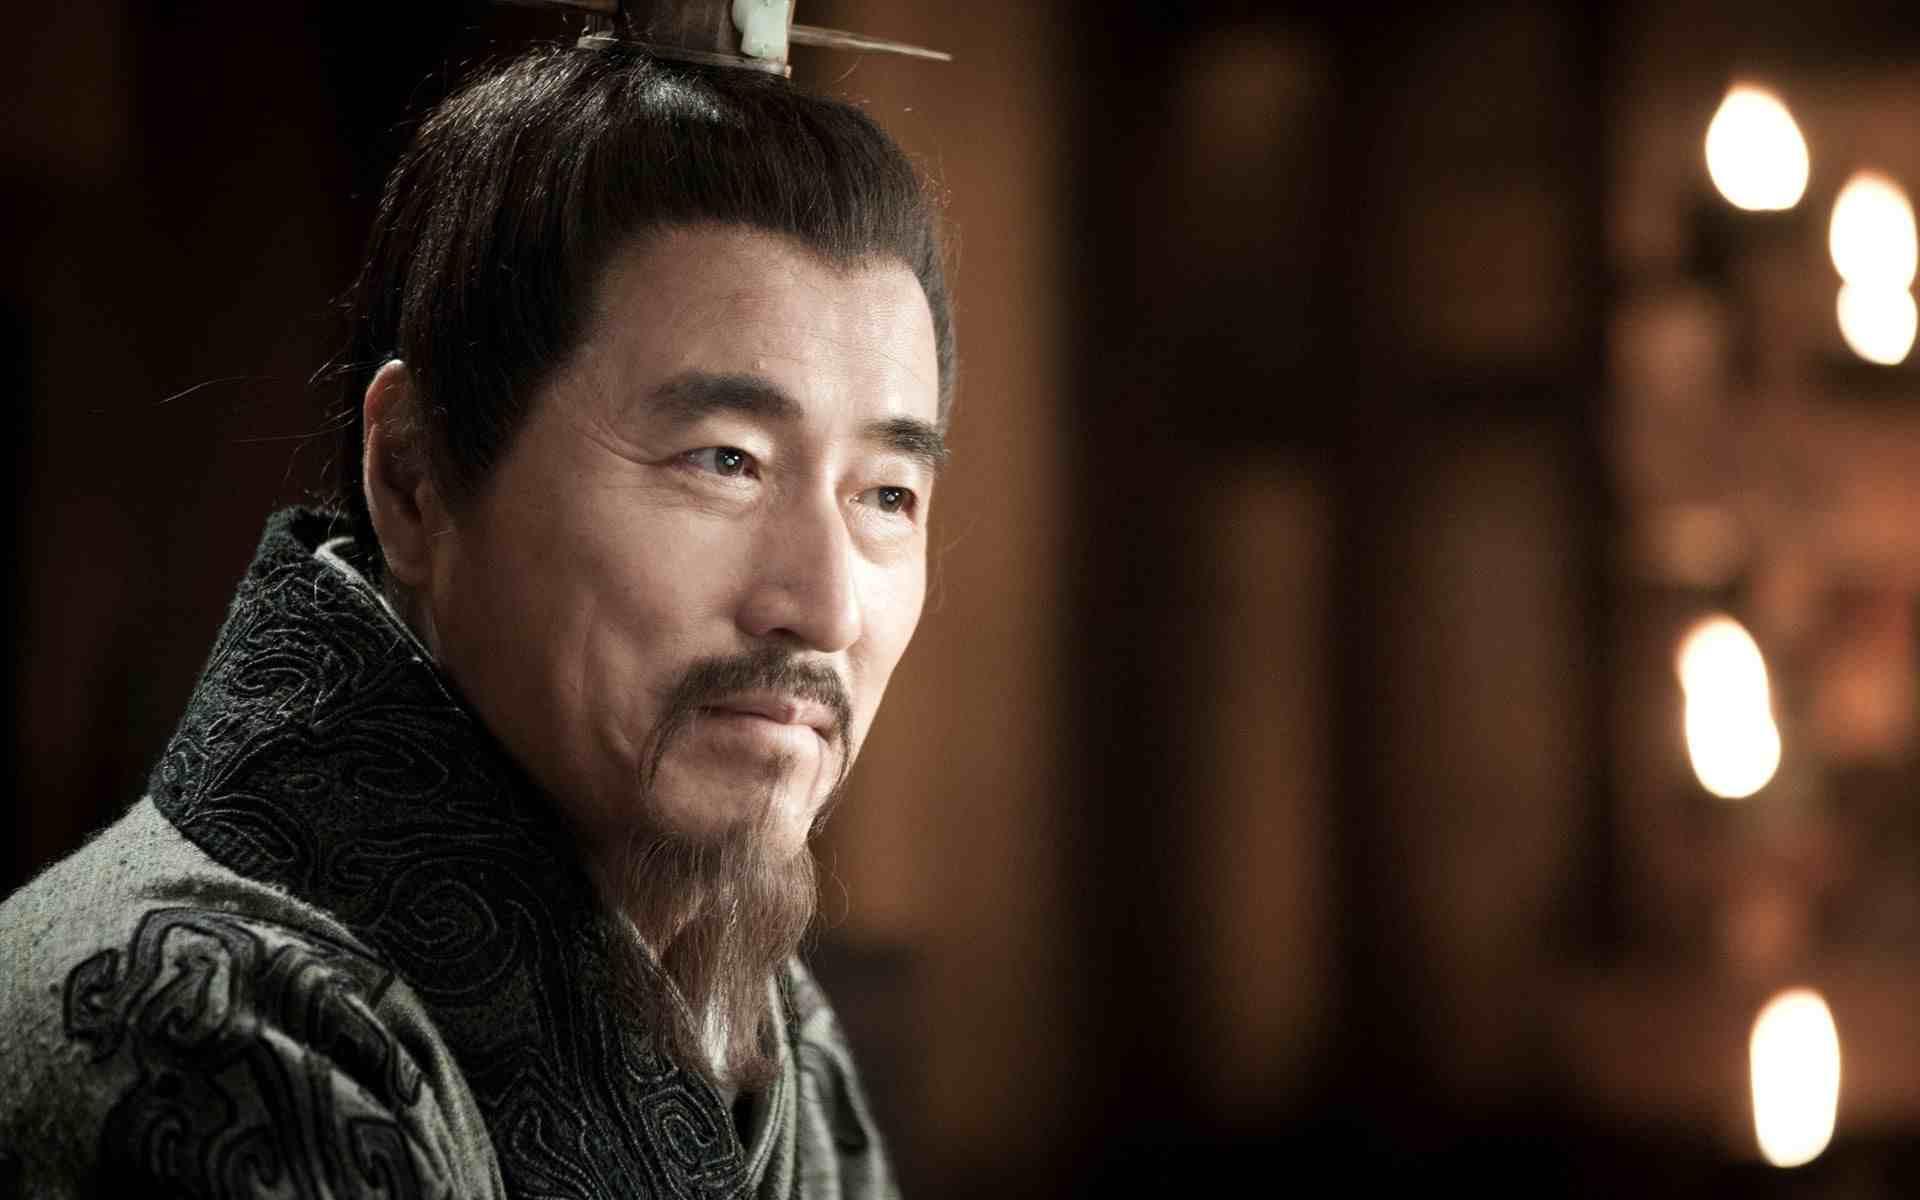 一代名将韩信留下了哪些令人感慨动容的千古轶事?